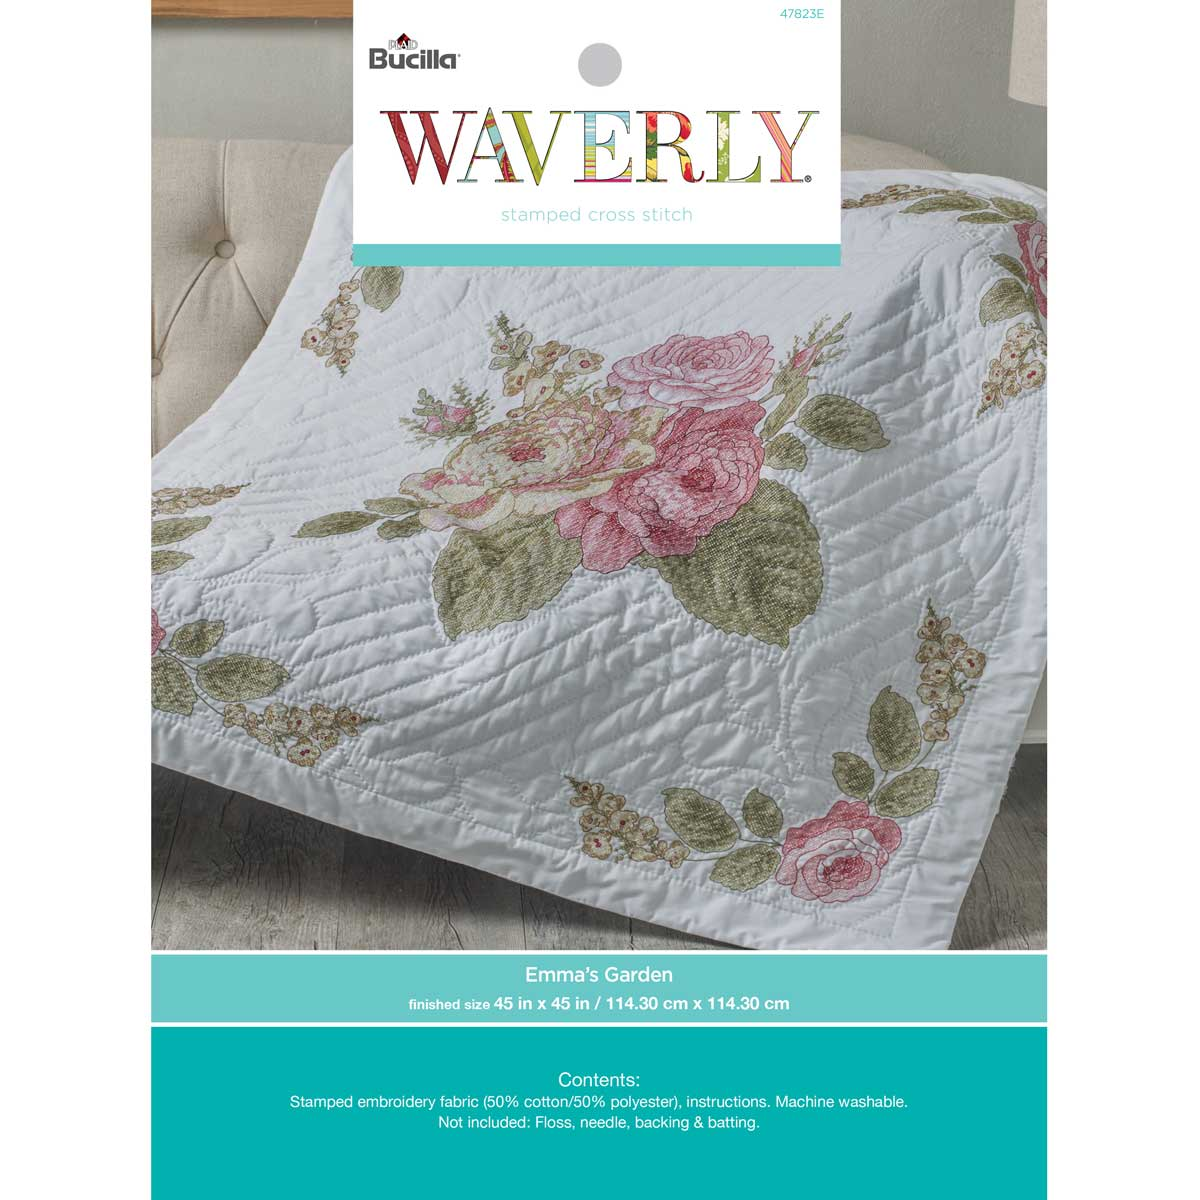 Bucilla ® Waverly ® Emma's Garden Collection Stamped Lap Quilt - 47823